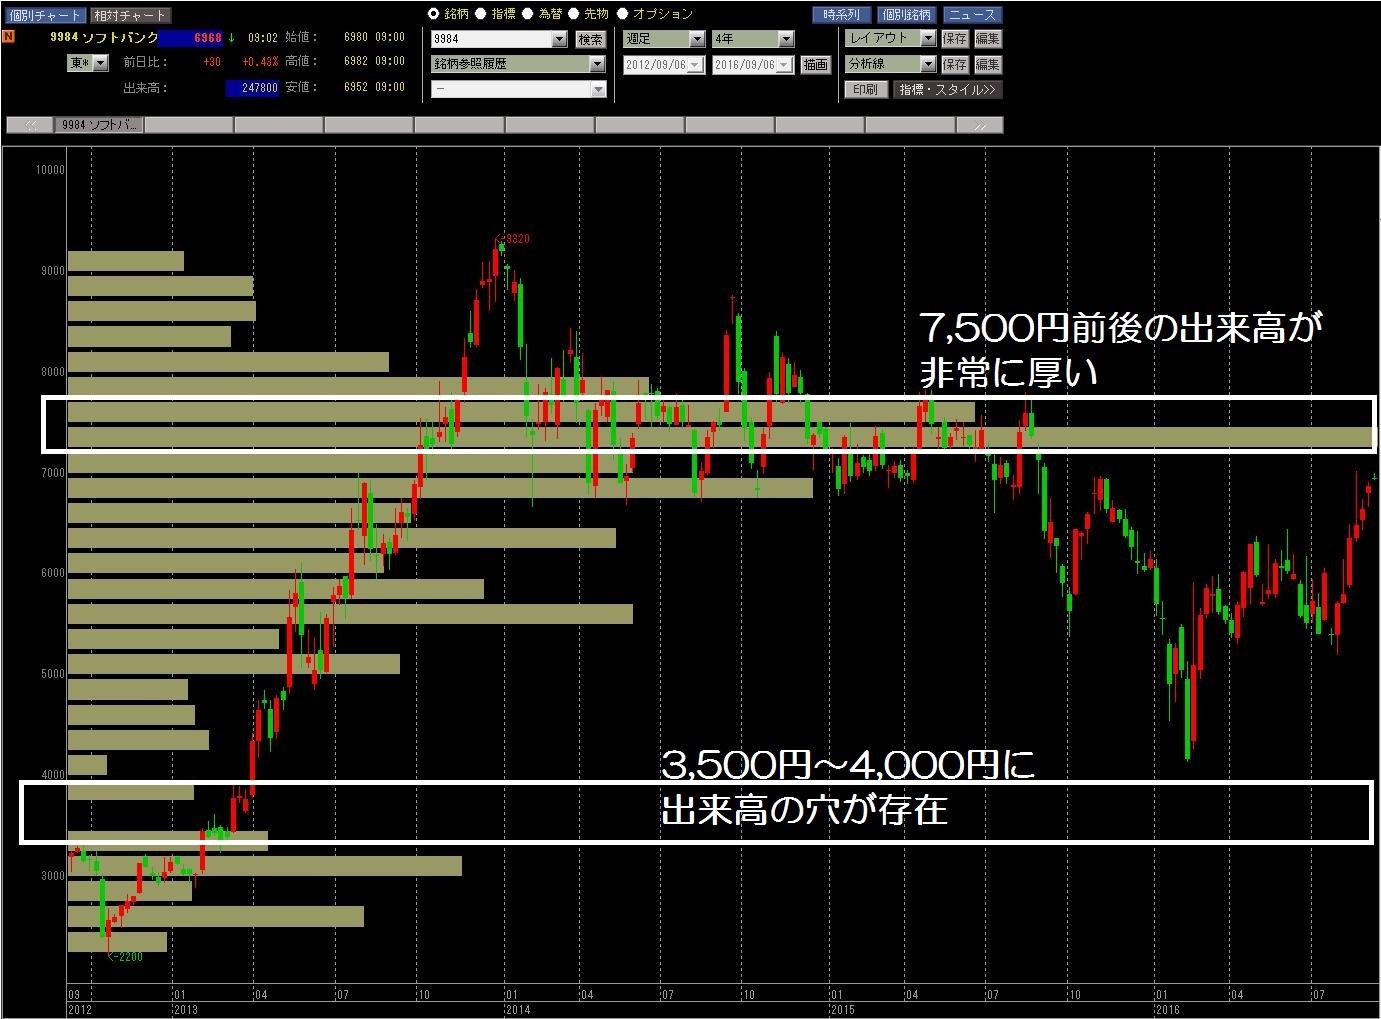 16.9.6ソフトバンク株価-価格帯別出来高2-min